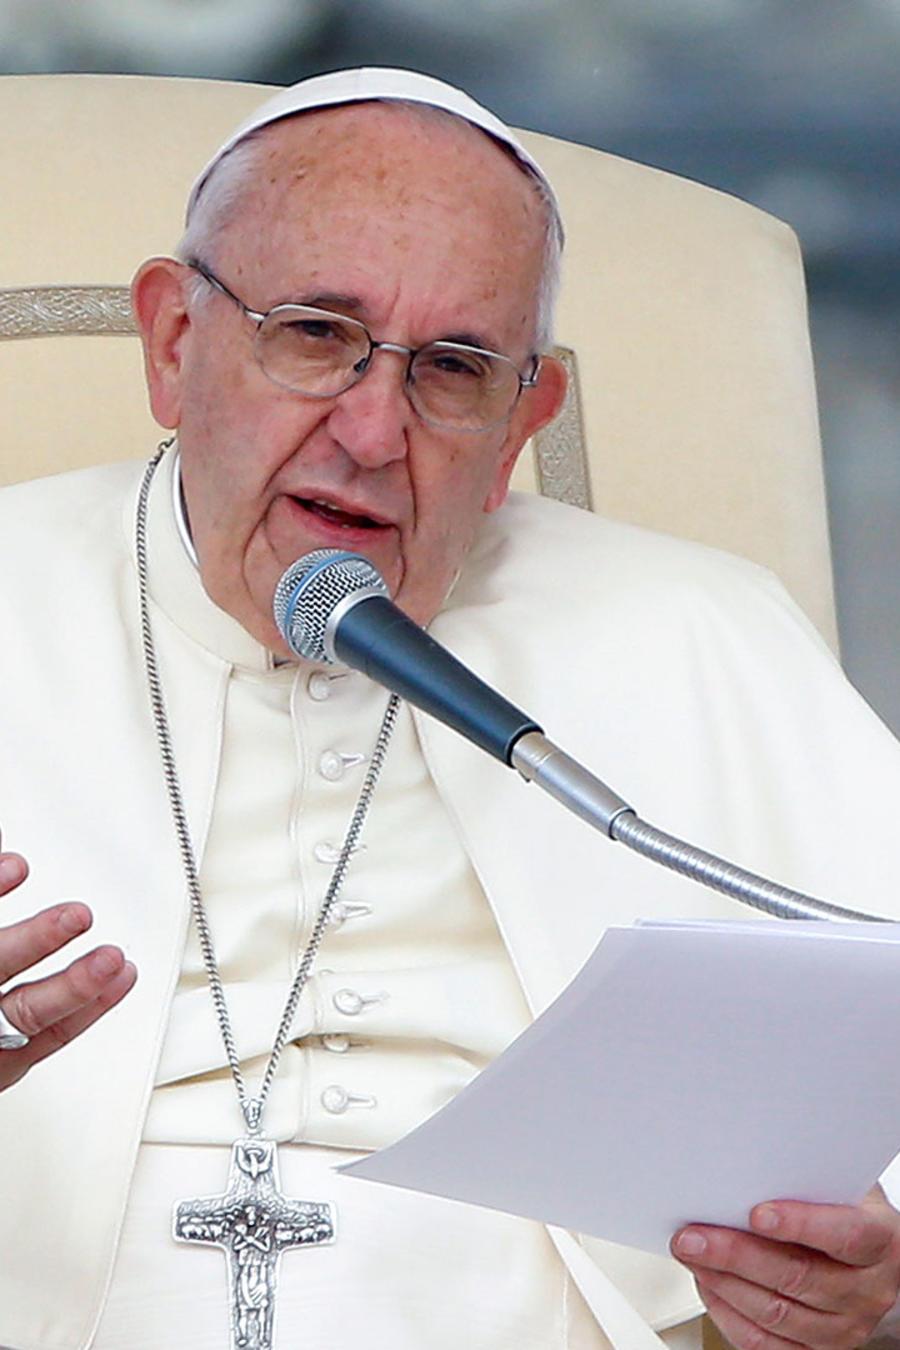 El Papa Francisco apoya a la curia mexicana